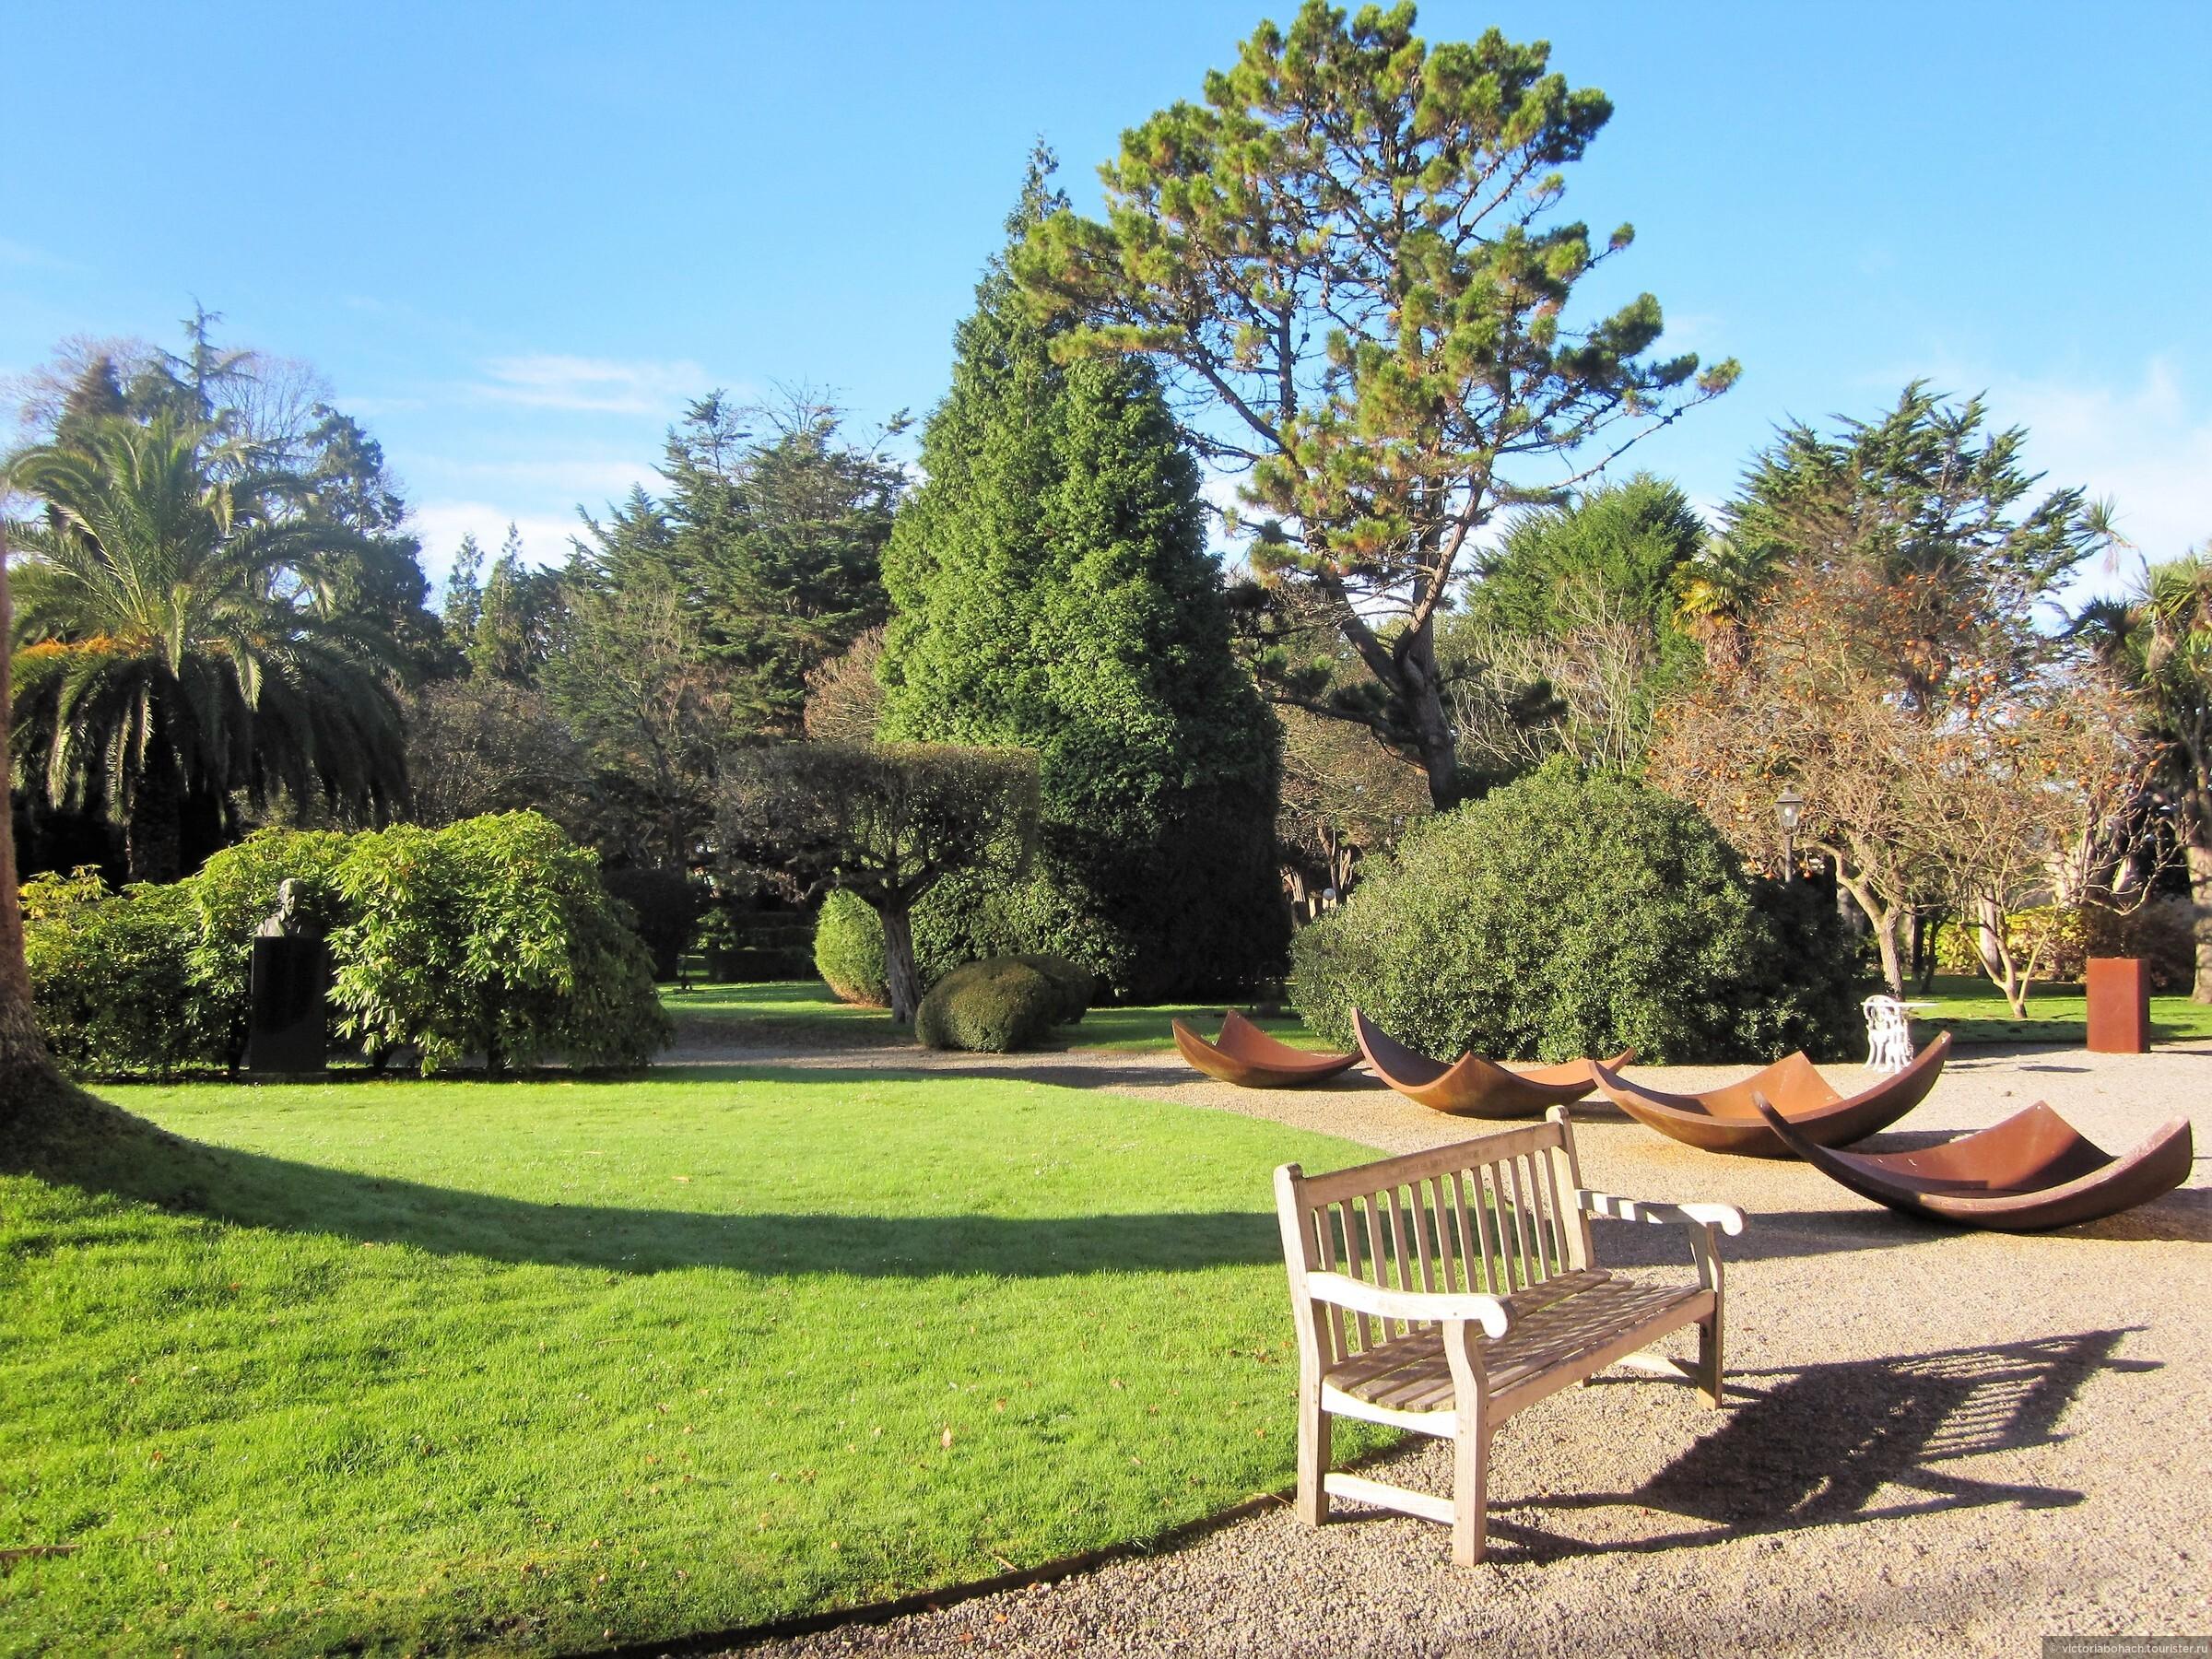 эти фотографии сделаны в середине декабря, но переносят в  летне-весеннюю атмосферу, ведь практически весь парк из вечнозеленых деревьев и выглядит одинаково в любое время года., Усадьба - музей Эваристо Вайе в Хихоне